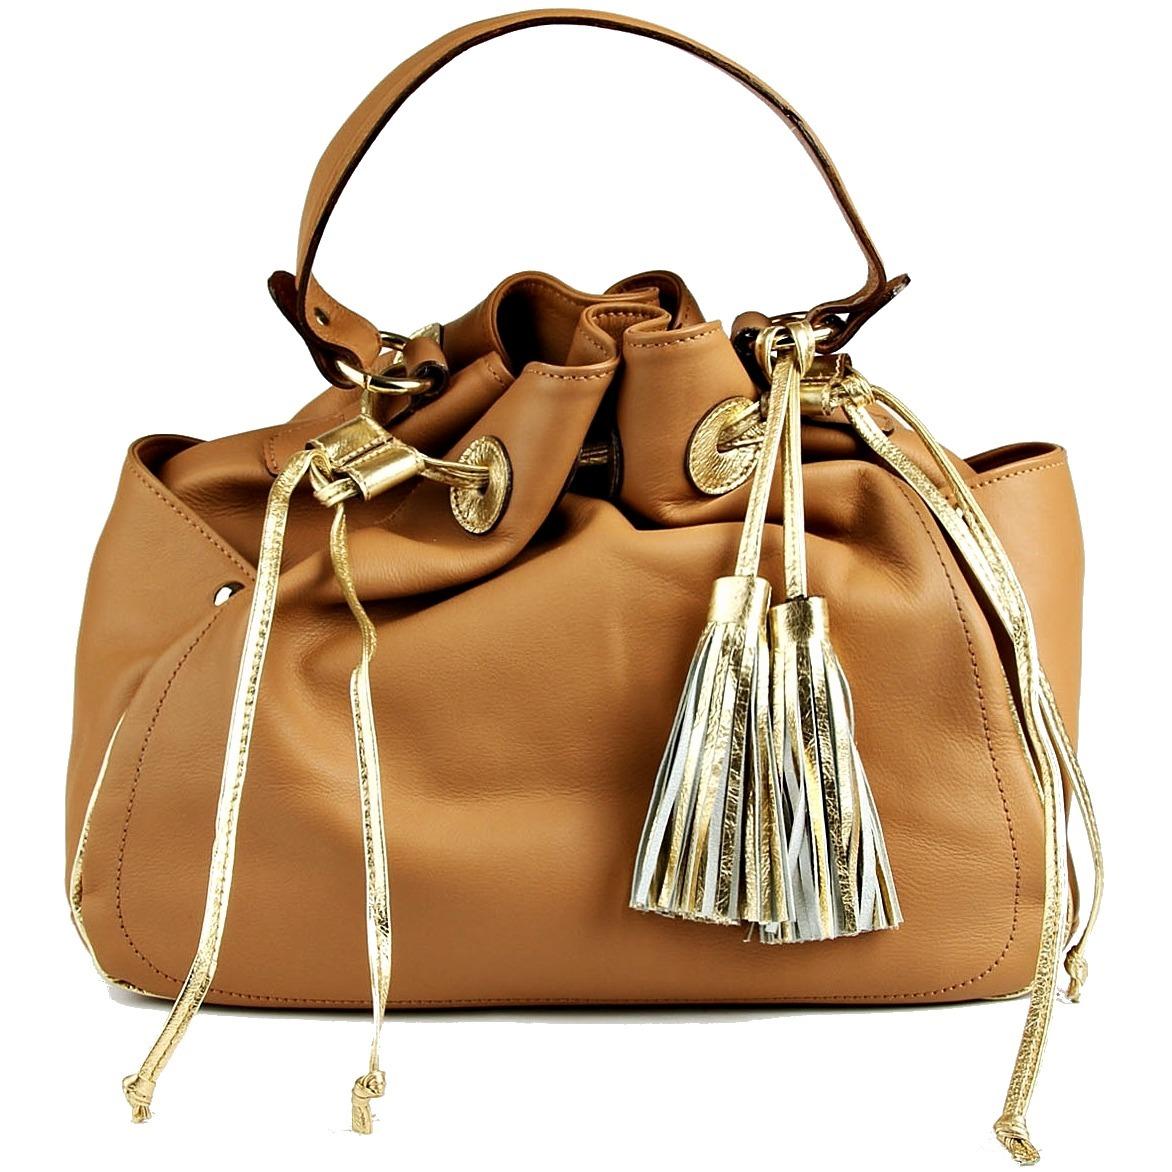 b6cec4b04 bolsa couro legítimo caramelo dourada shoestock origina saco. Carregando  zoom.